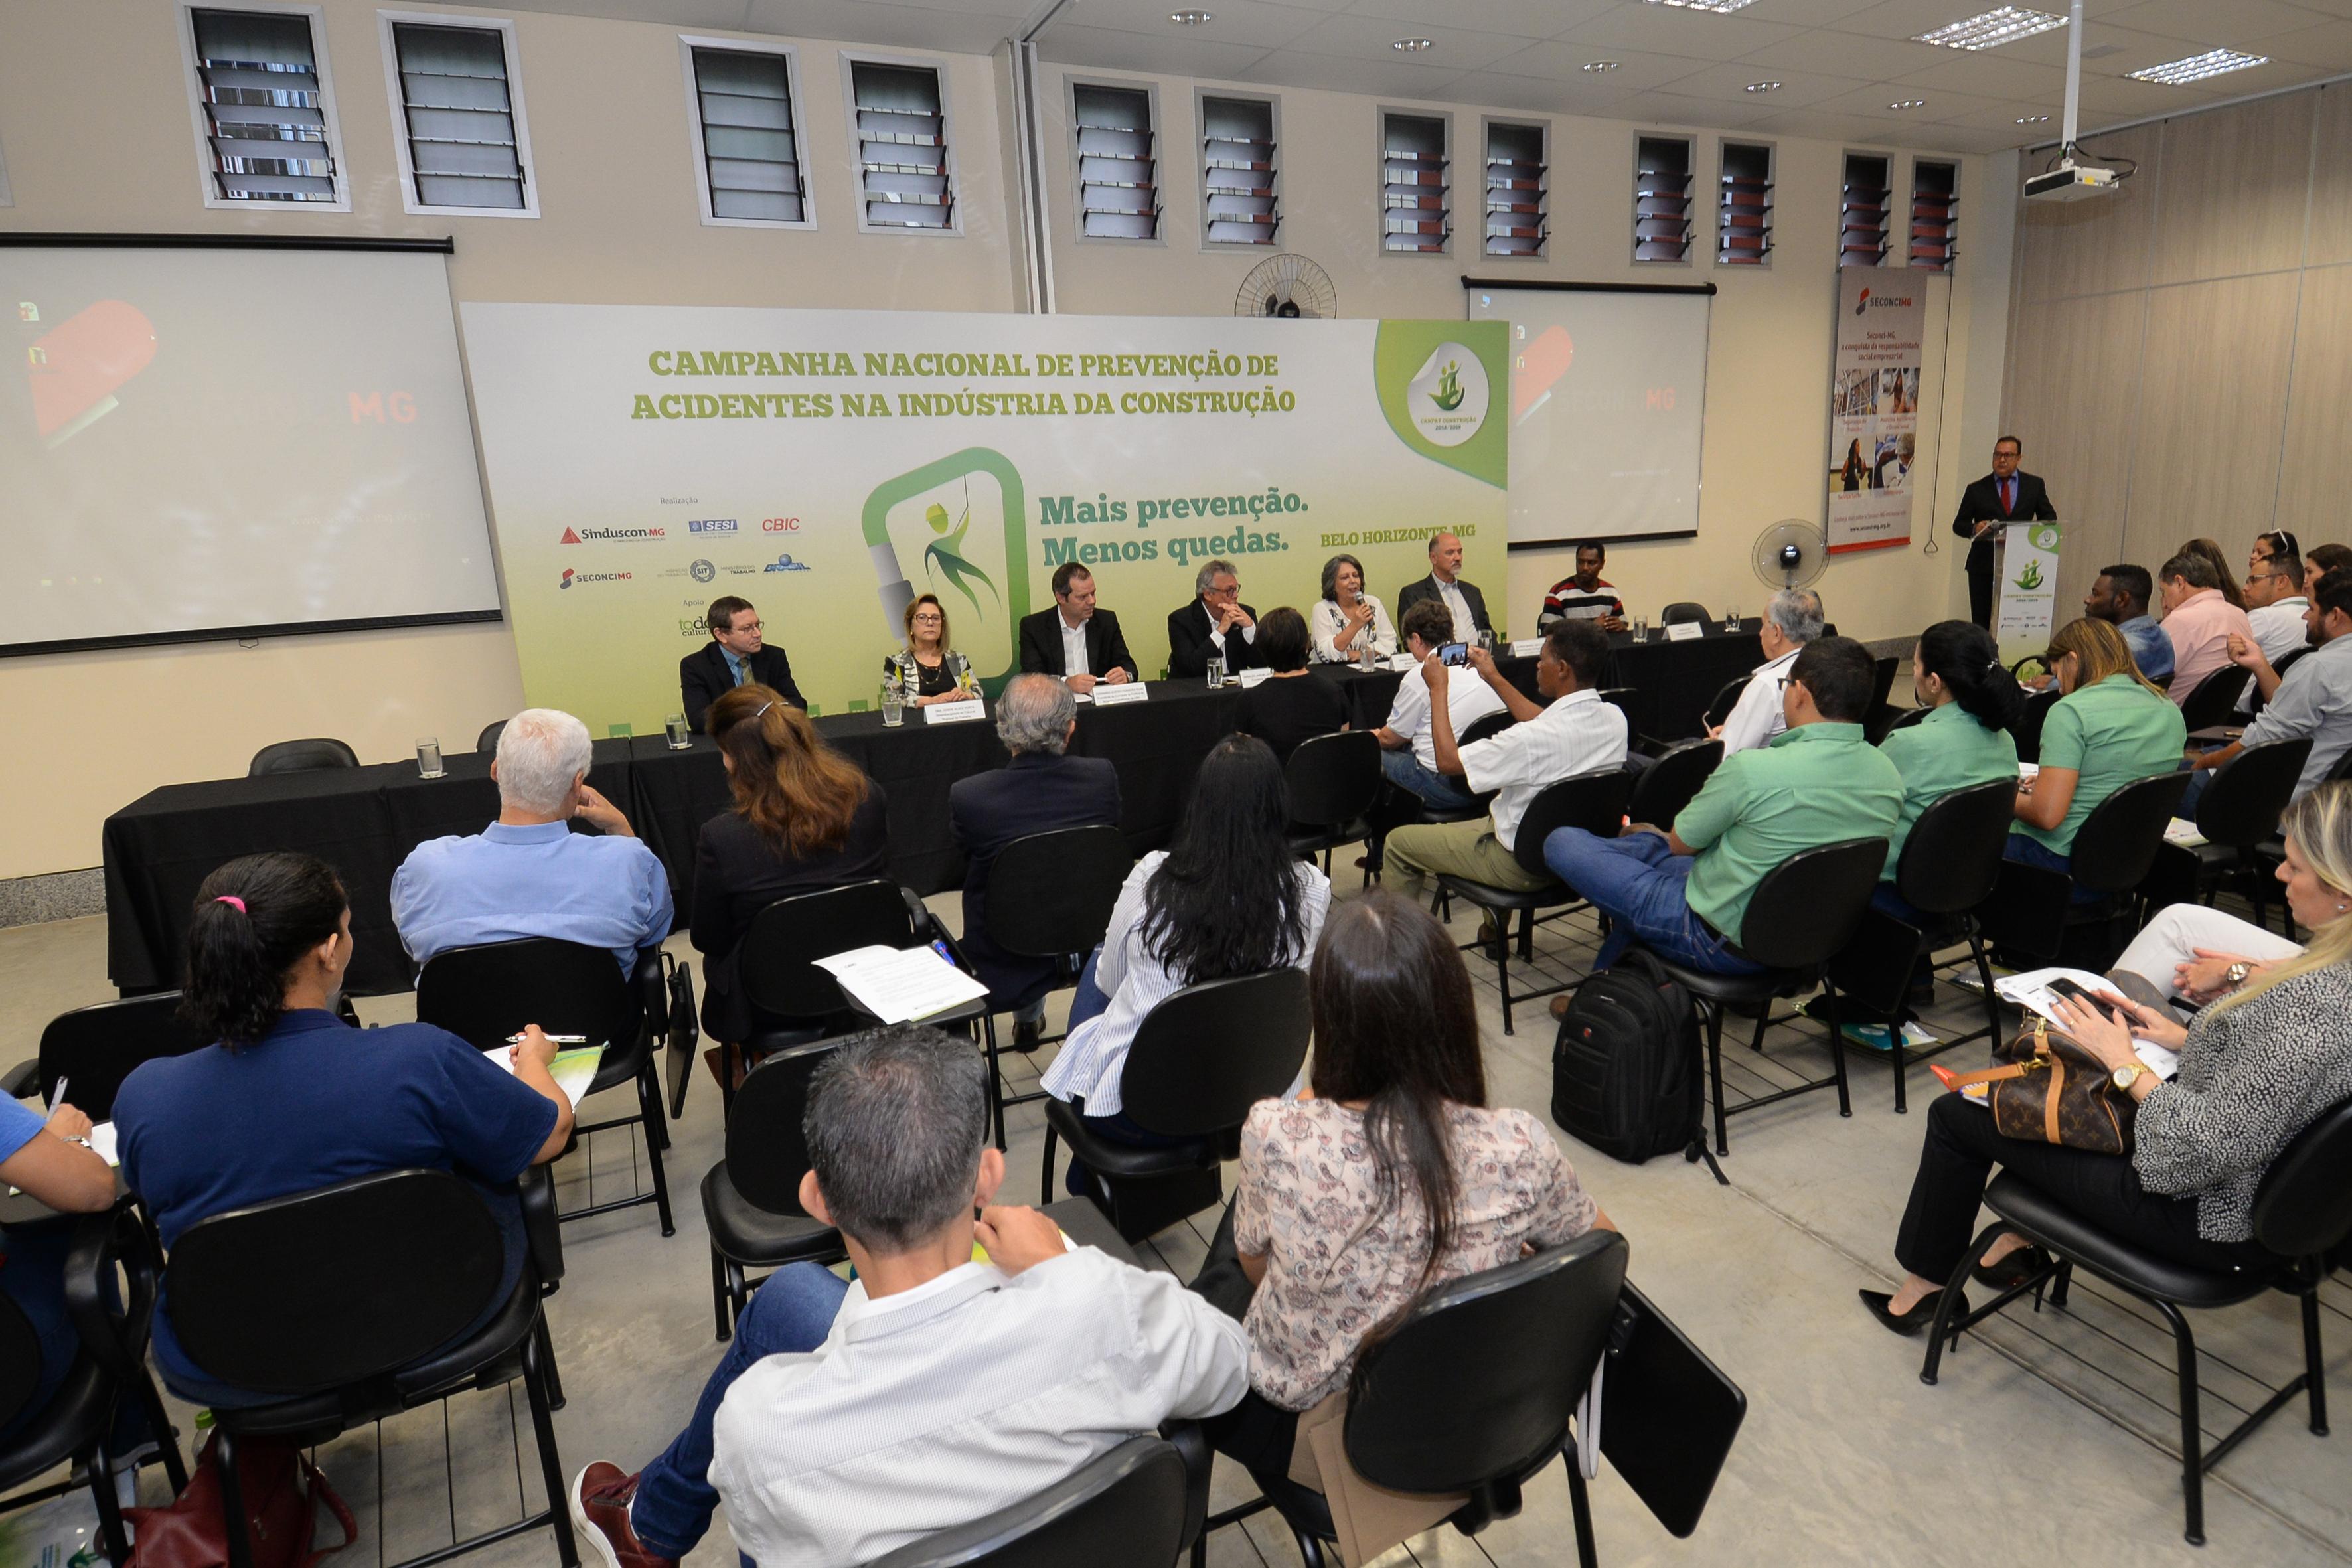 Imagem evento Belo Horizonte – MG